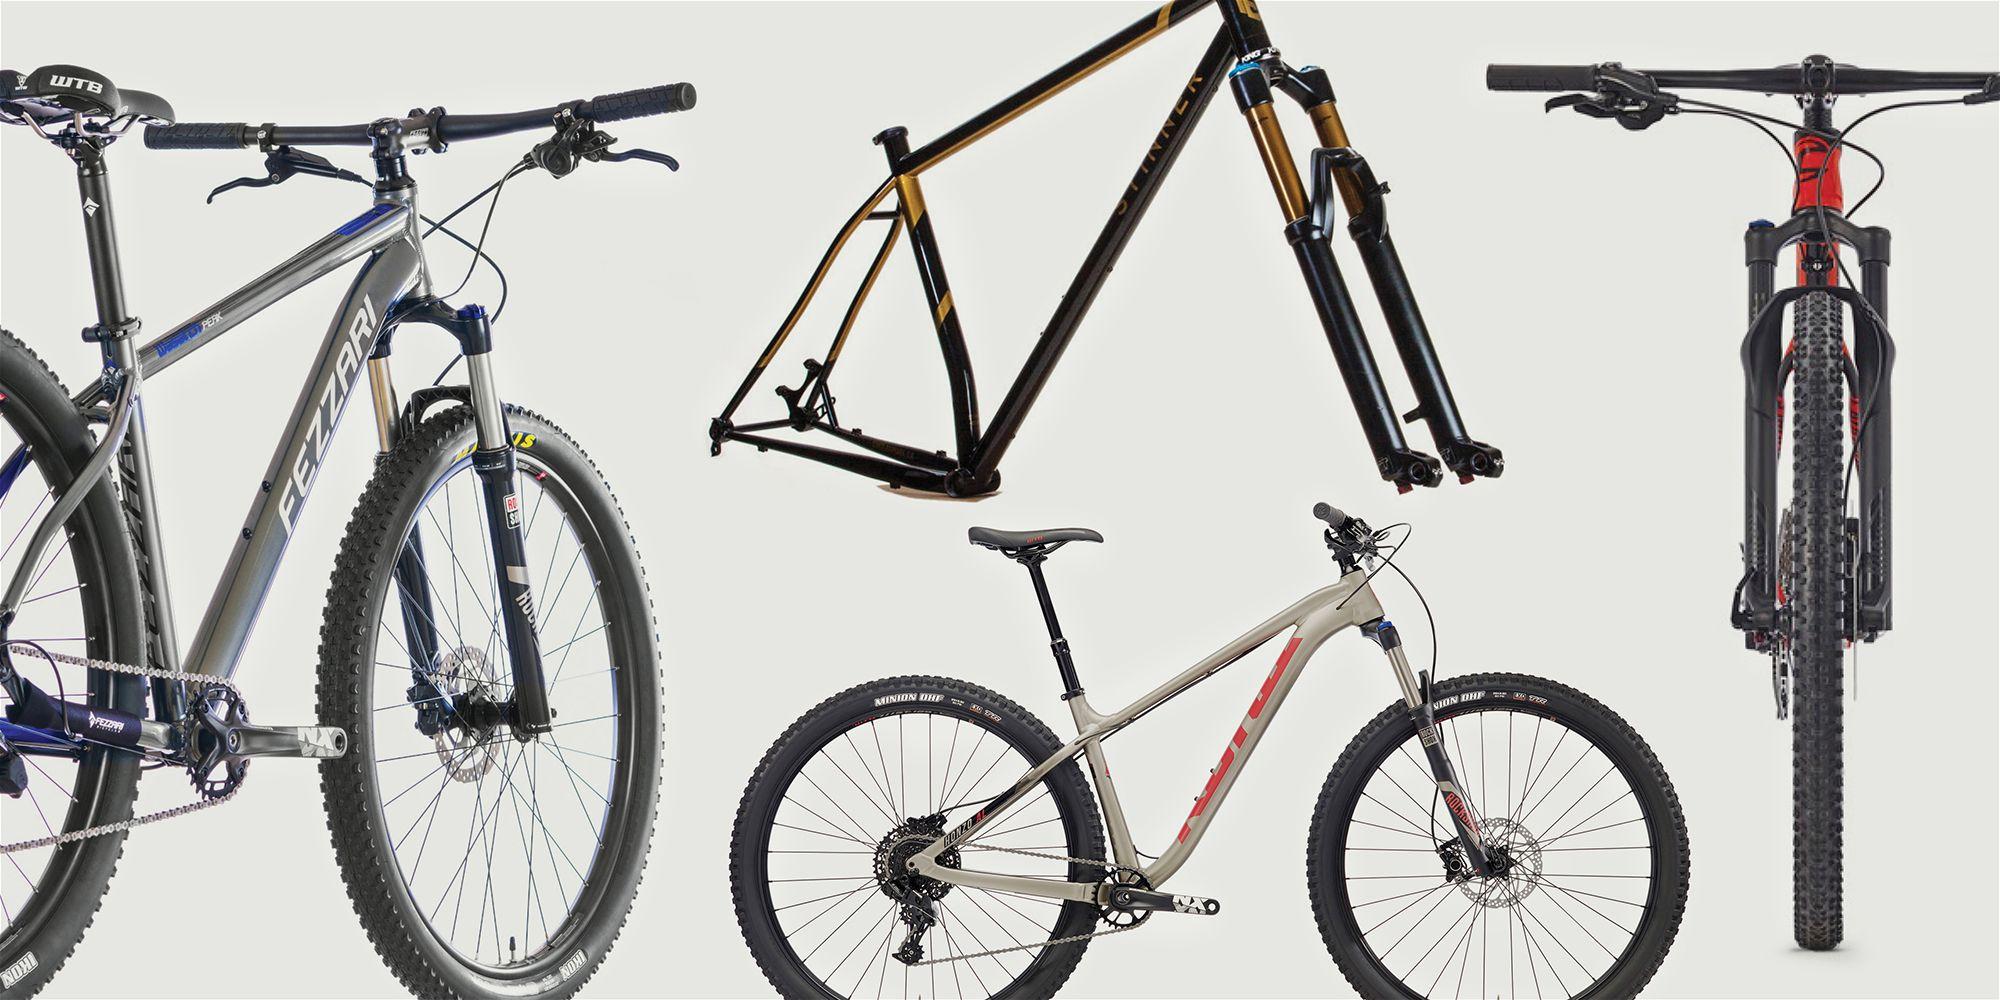 Hardtail Mountain Bikes - Trail Bikes 2018